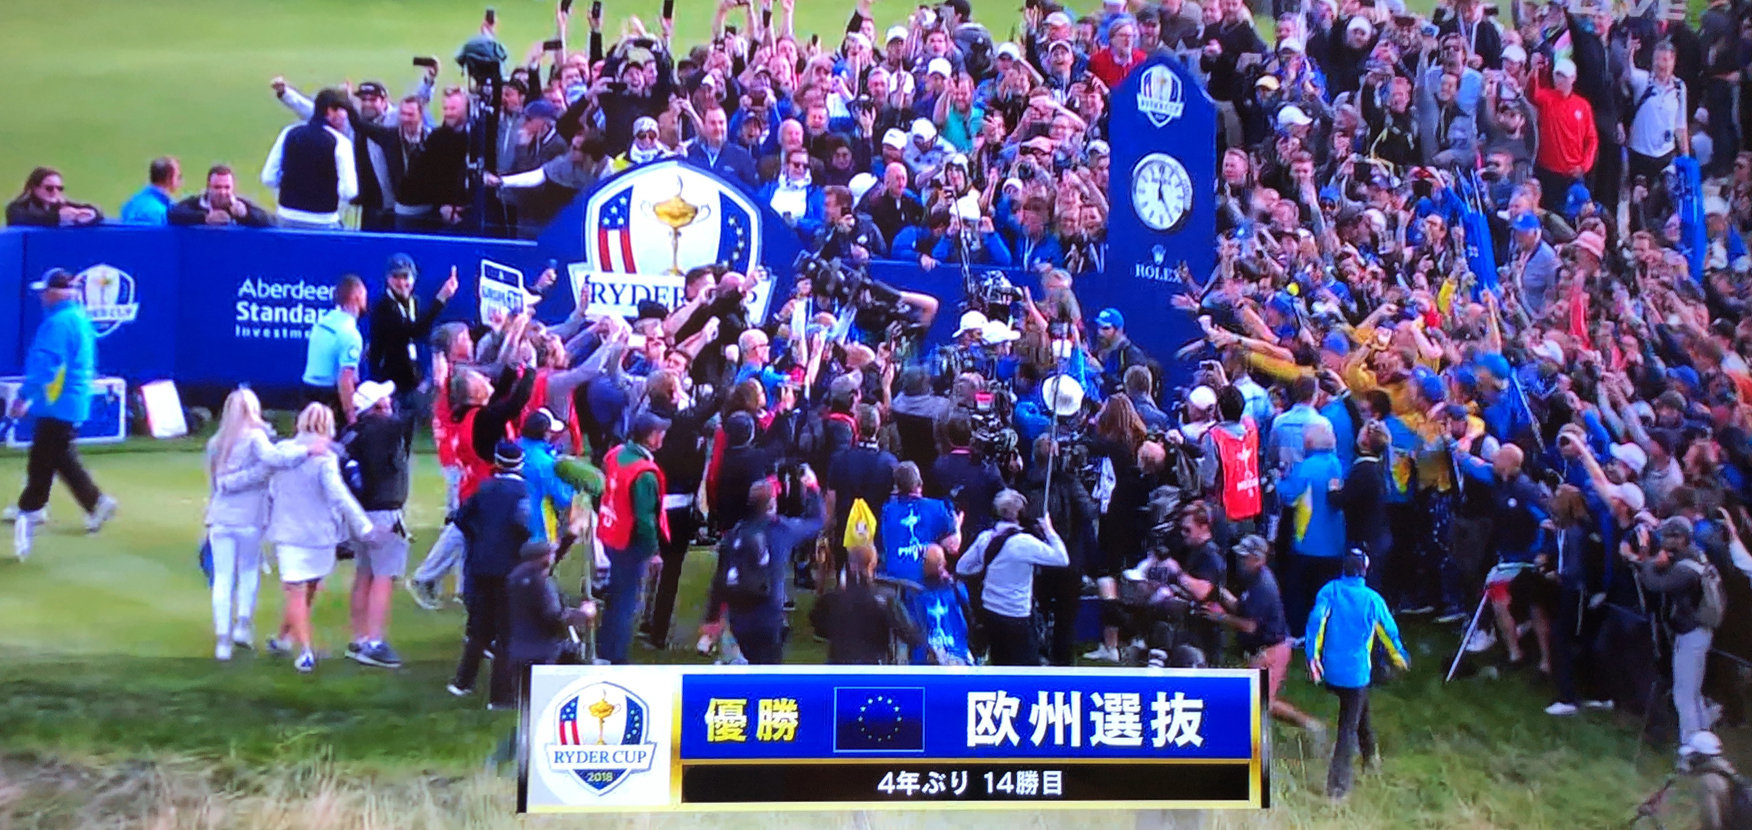 ライダーカップ2018欧州勝利